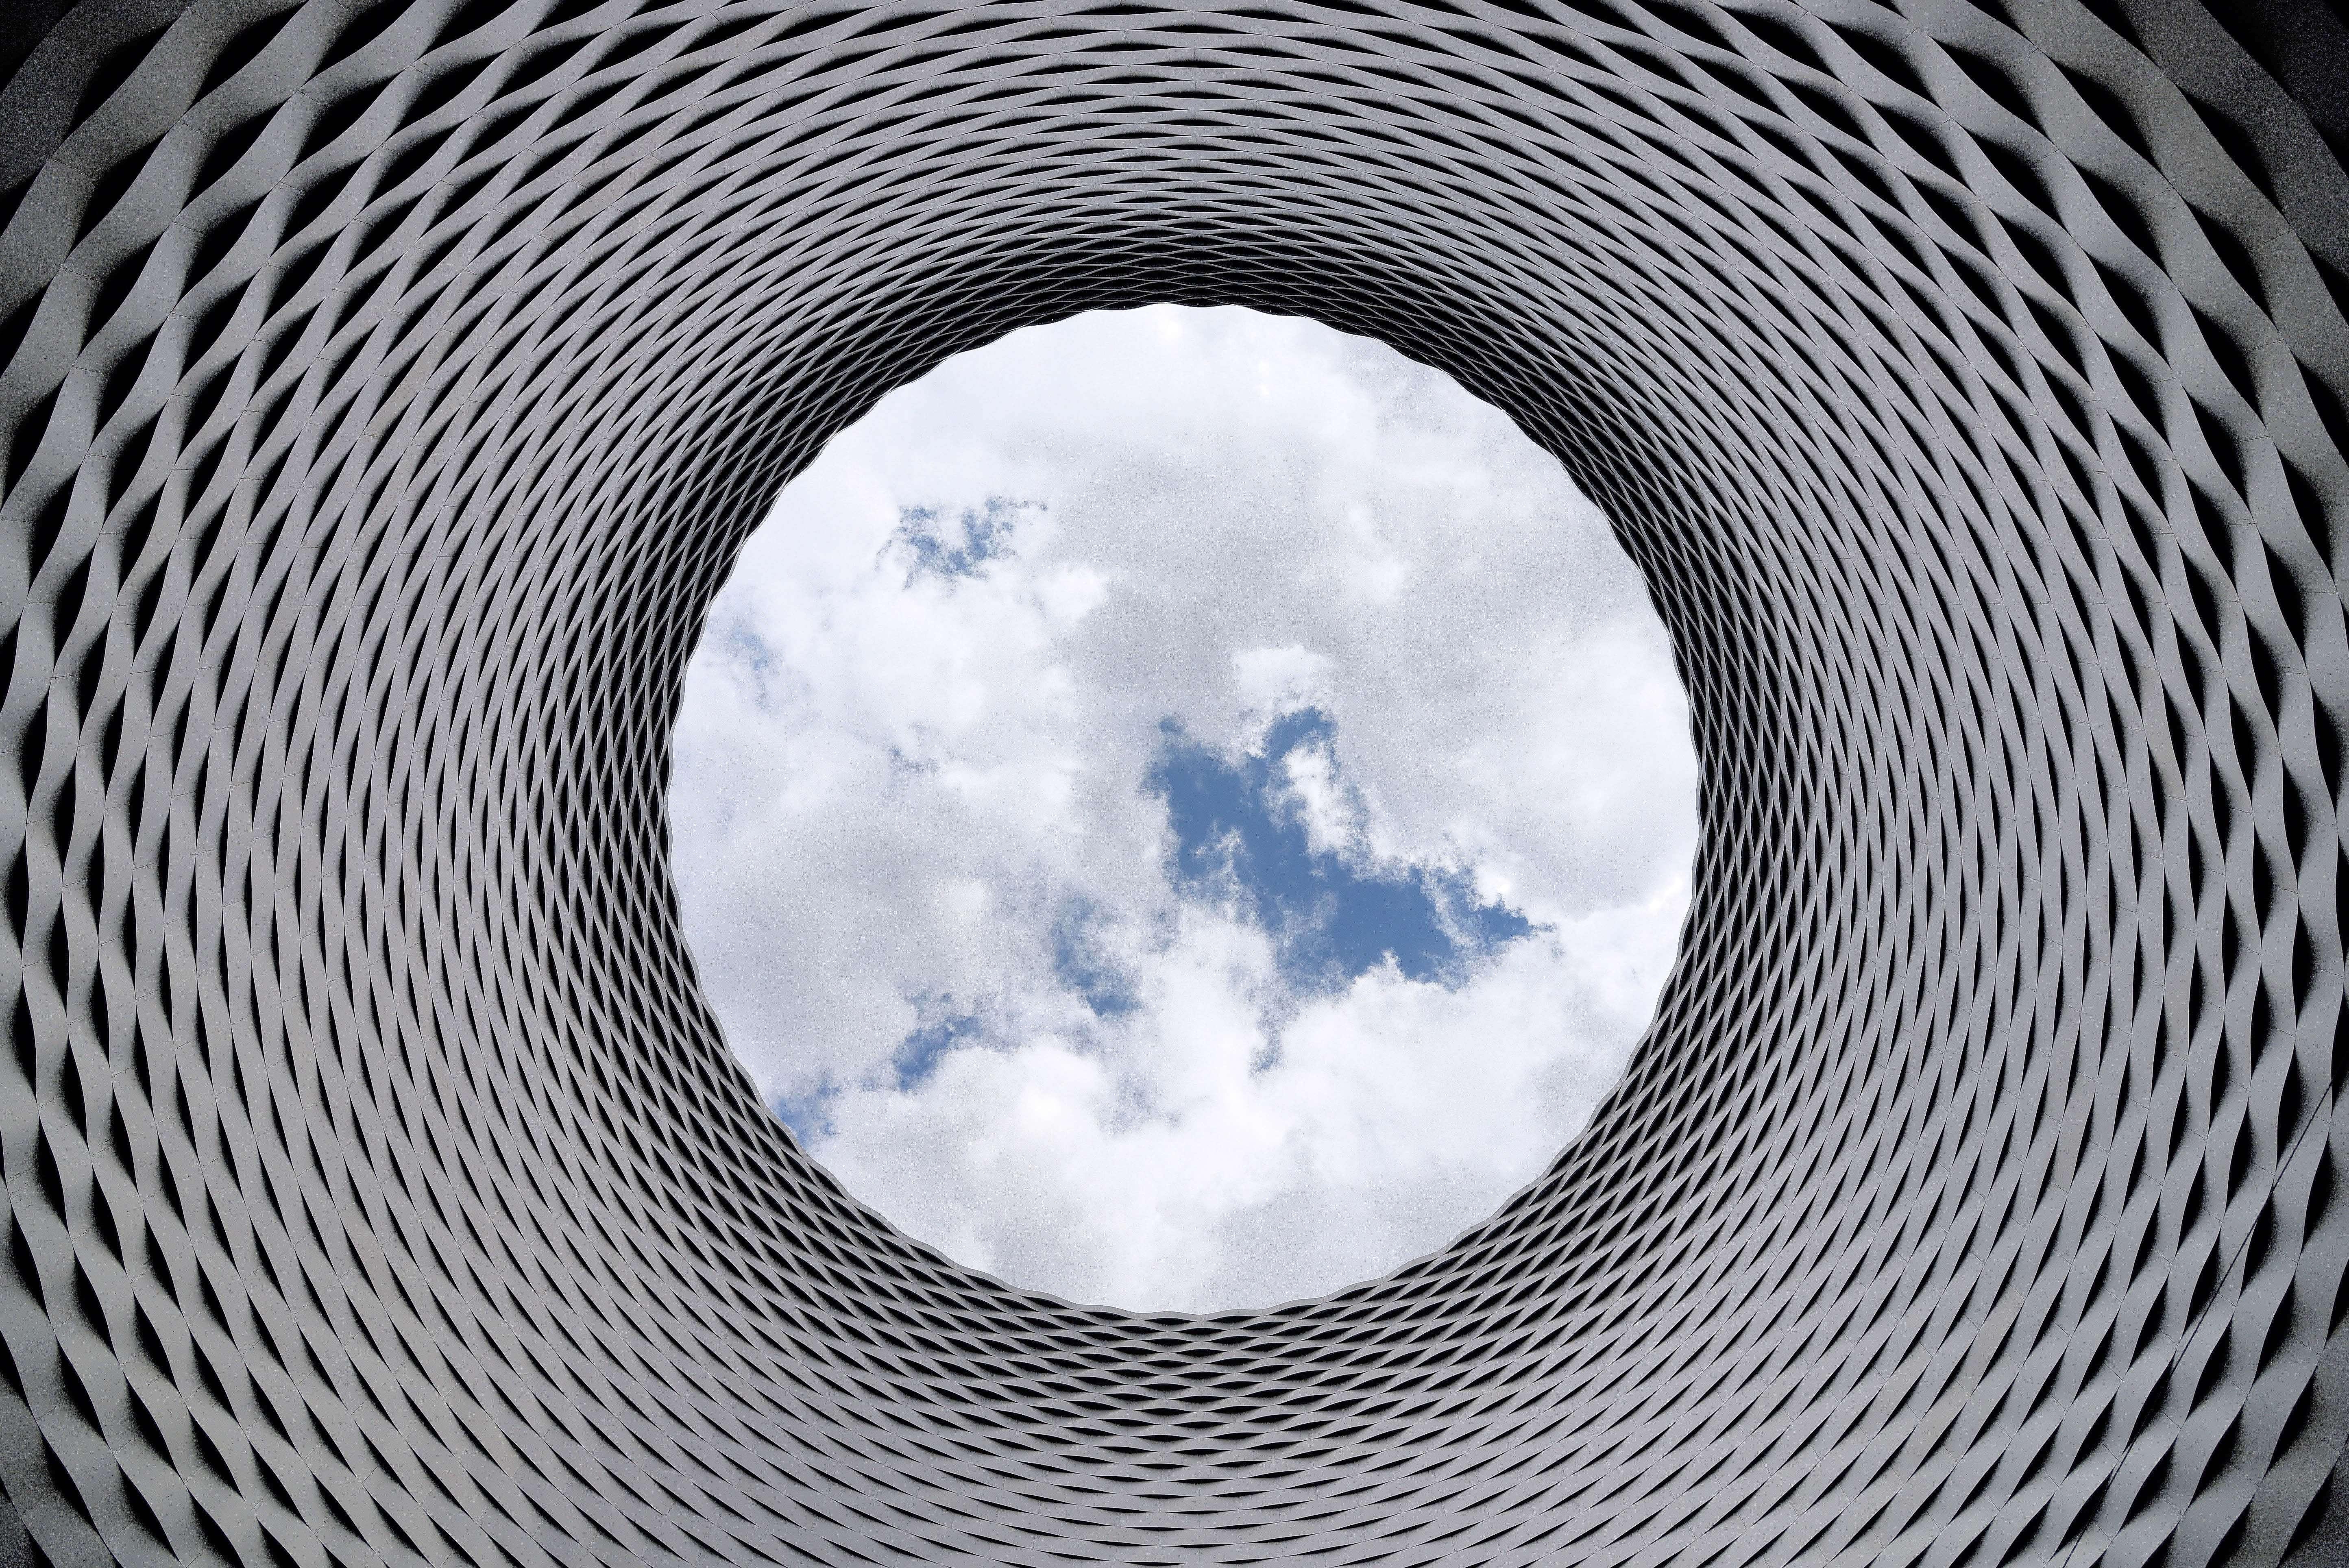 4k-wallpaper-abstract-aluminum-210158_1.jpg